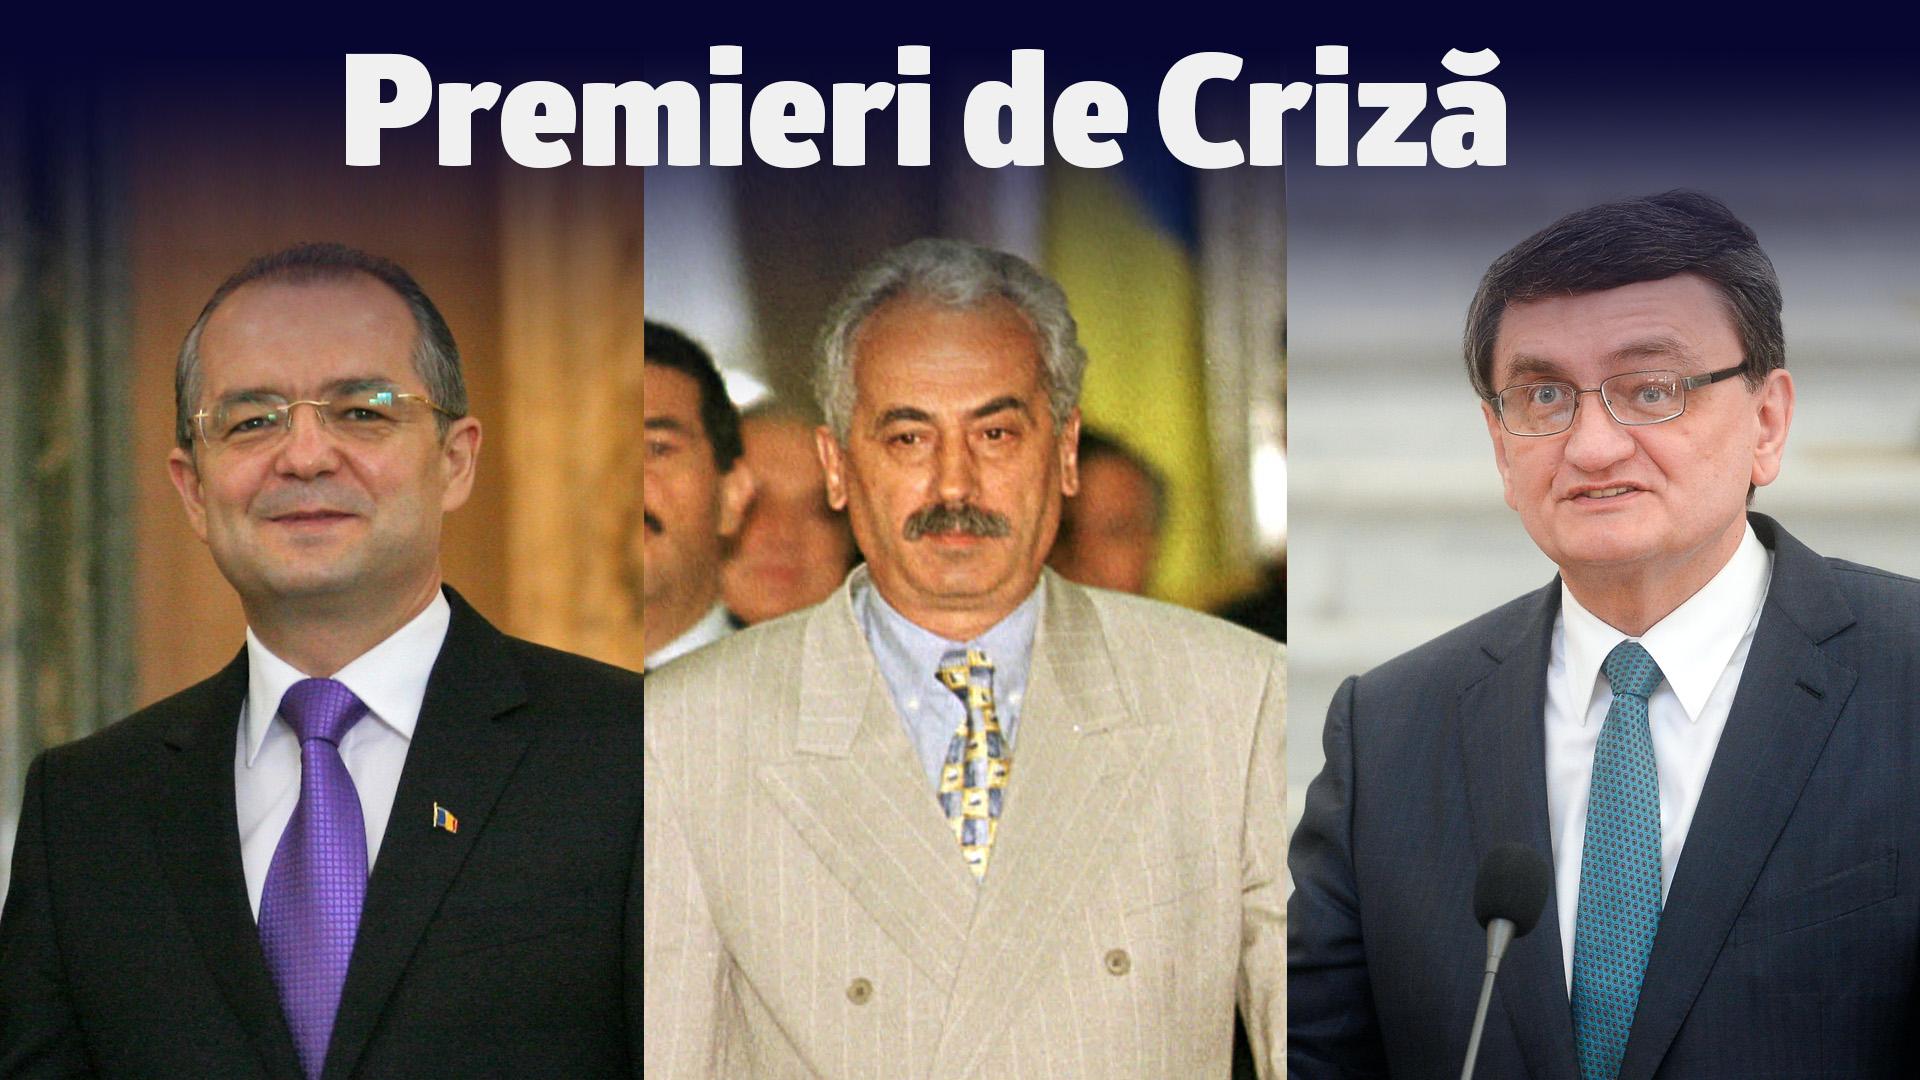 premieri de criza 1 mare pbz